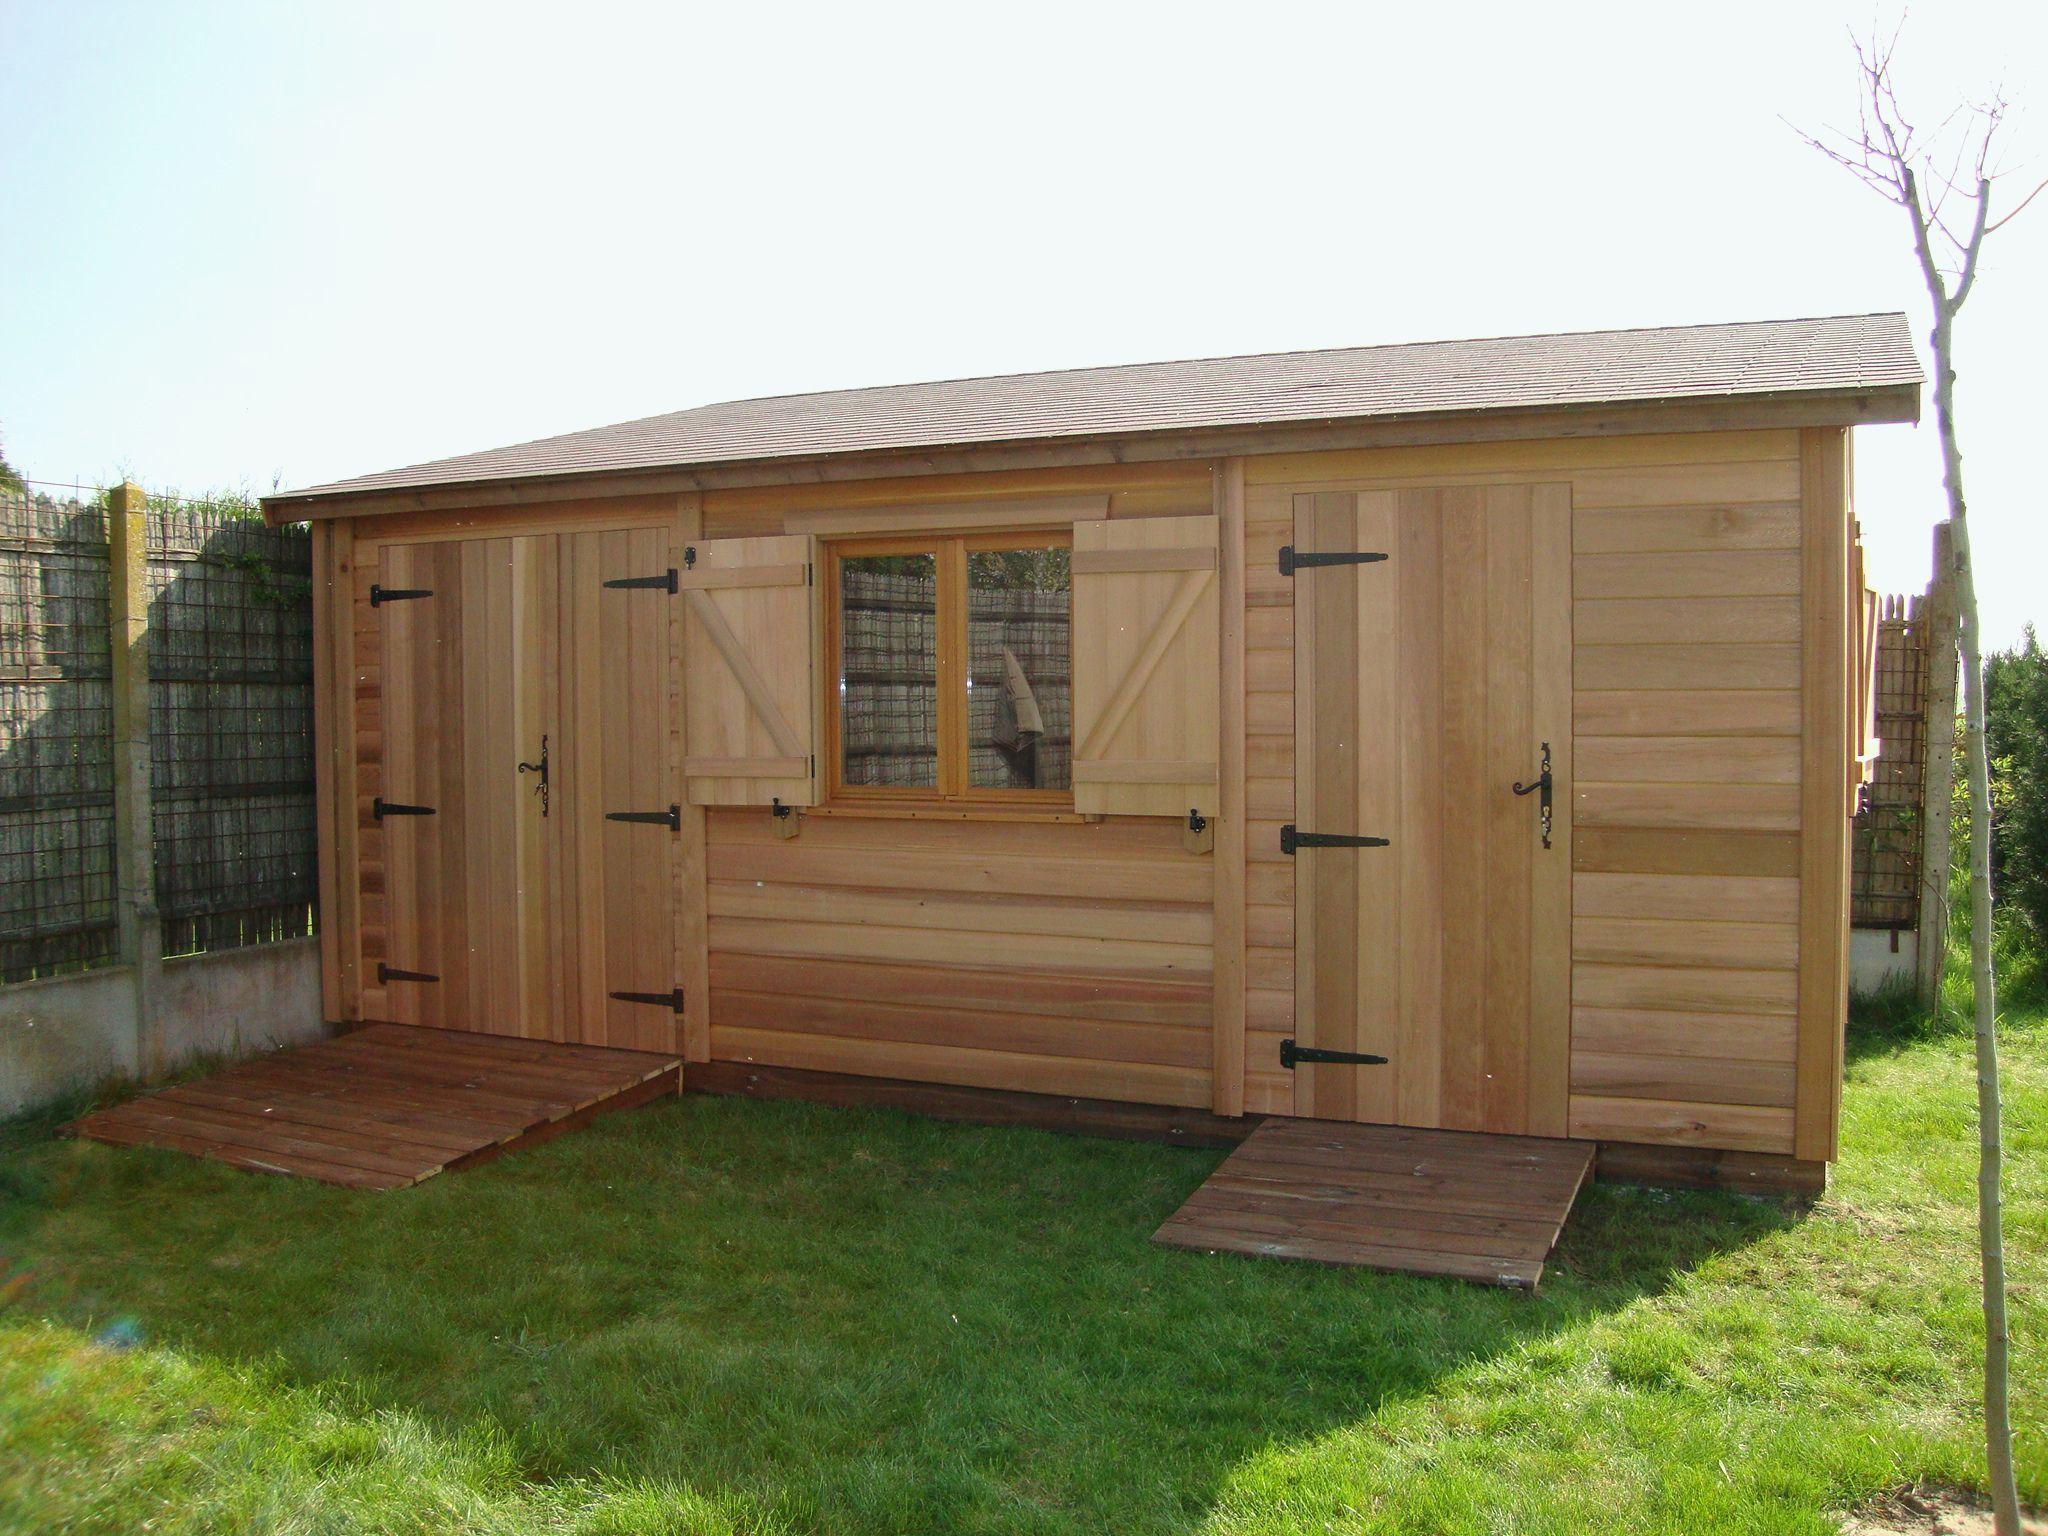 Castorama Abri Jardin | Indoor Garden, Outdoor Structures ... pour Abri De Jardin Bois 10M2